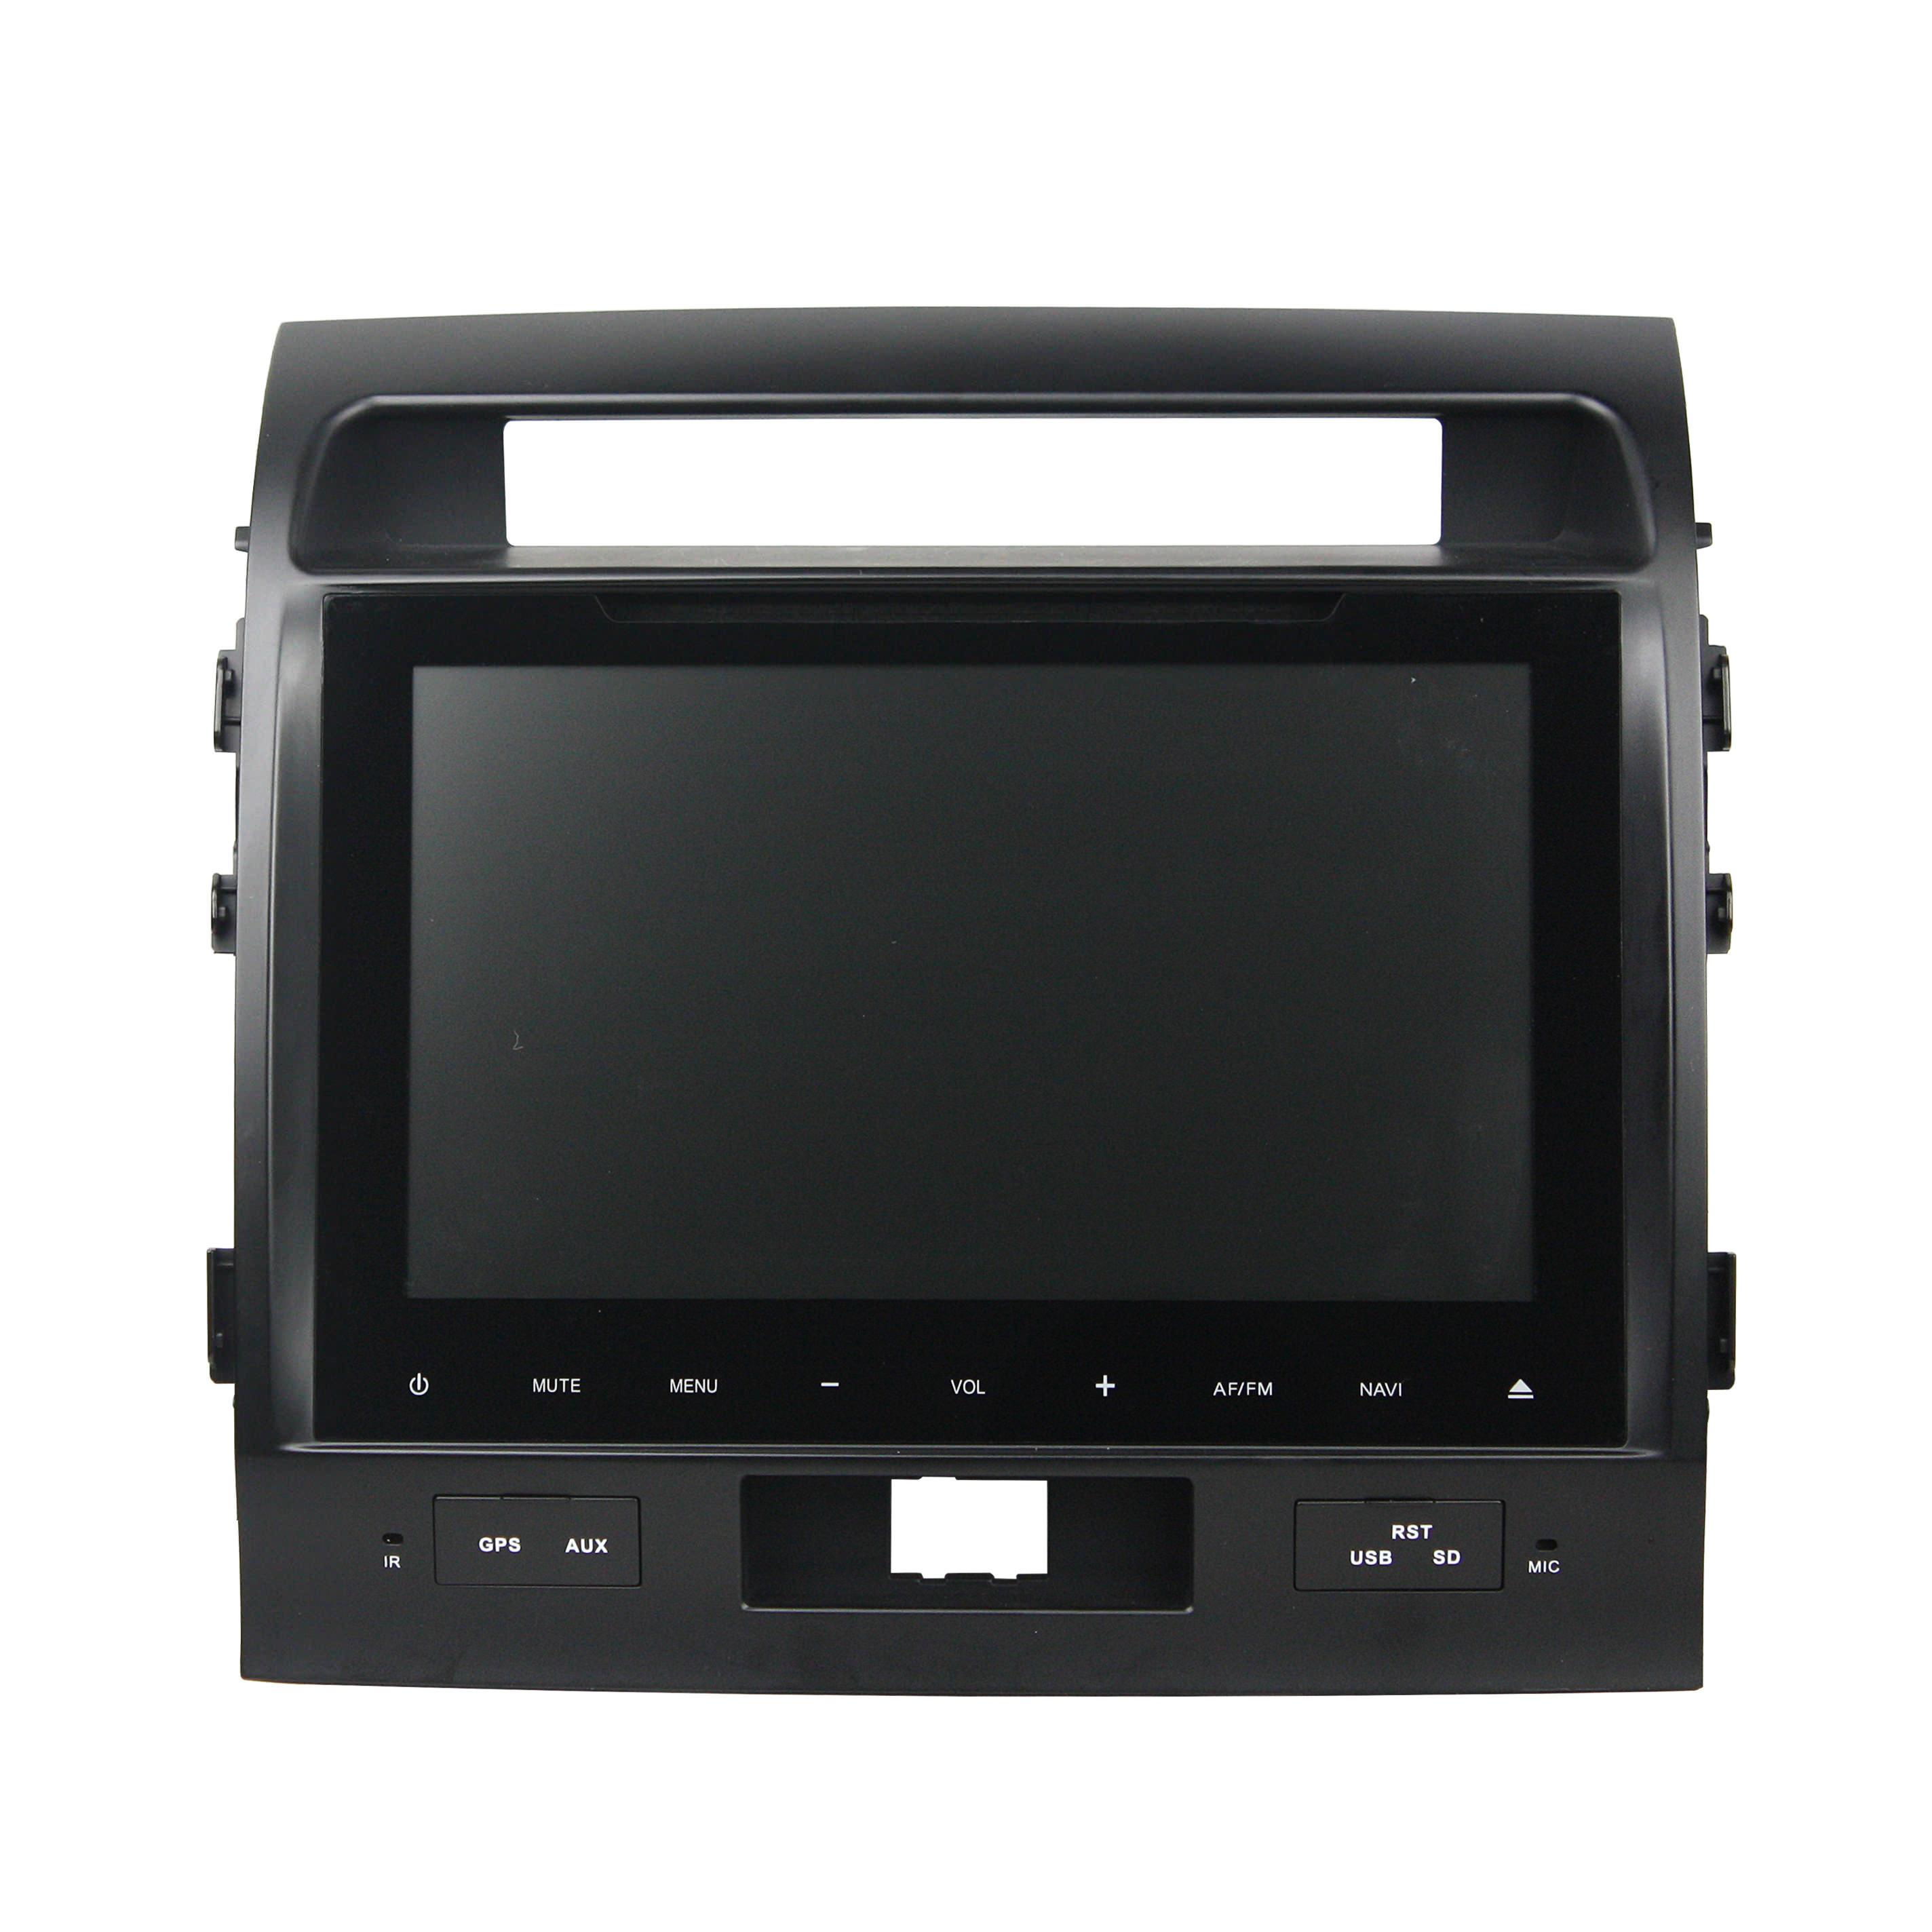 Штатная магнитола CARMEDIA KD-9009-P3-7 DVD Toyota Land Cruiser 200 2007-2015 Elegance (только простые комплектации без управления климатом с ГУ) штатная магнитола для toyota land cruiser prado 120 2002 2009 carmedia kd 9026 p3 7 на android 7 1